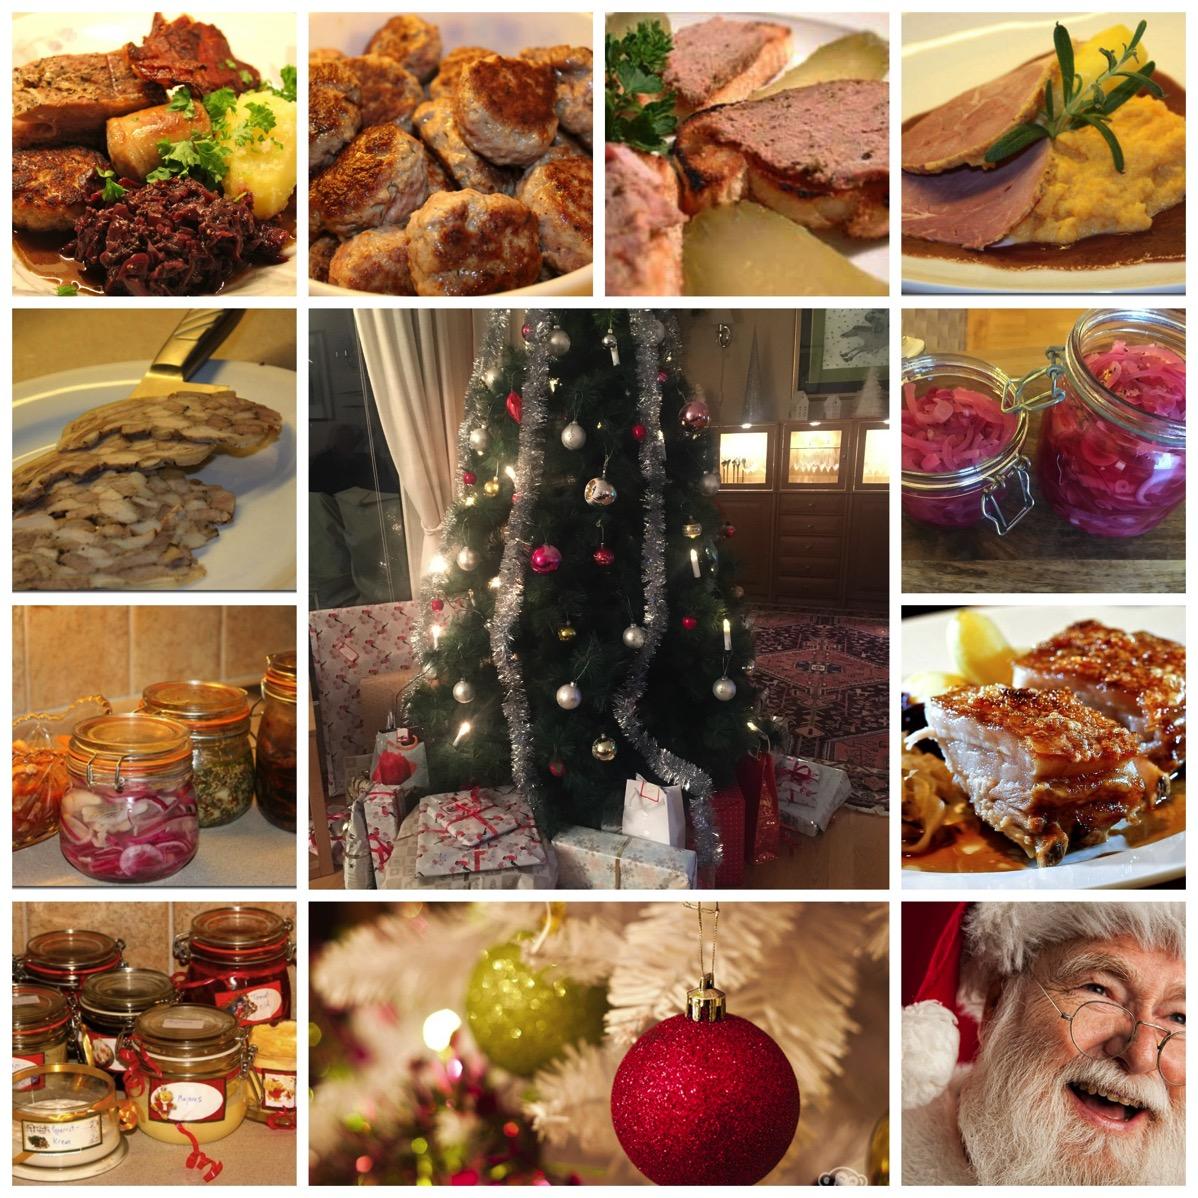 God jul til dere alle